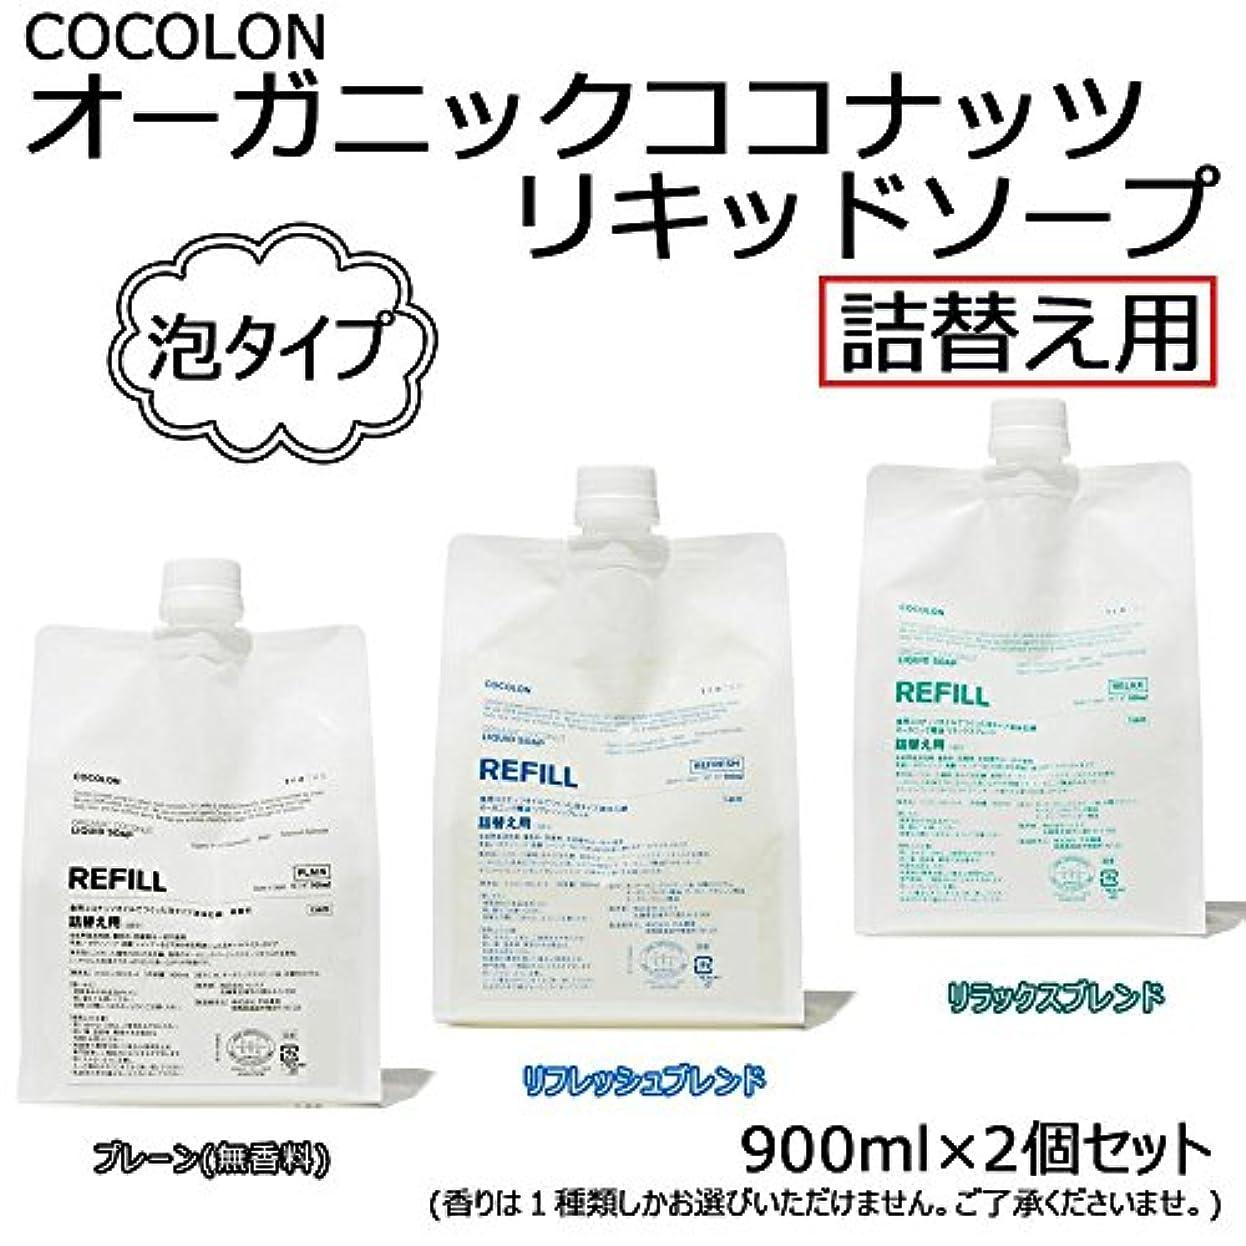 追加増加する記事COCOLON ココロン オーガニックココナッツリキッドソープ 泡タイプ 詰替え用 900ml 2個セット リラックスブレンド